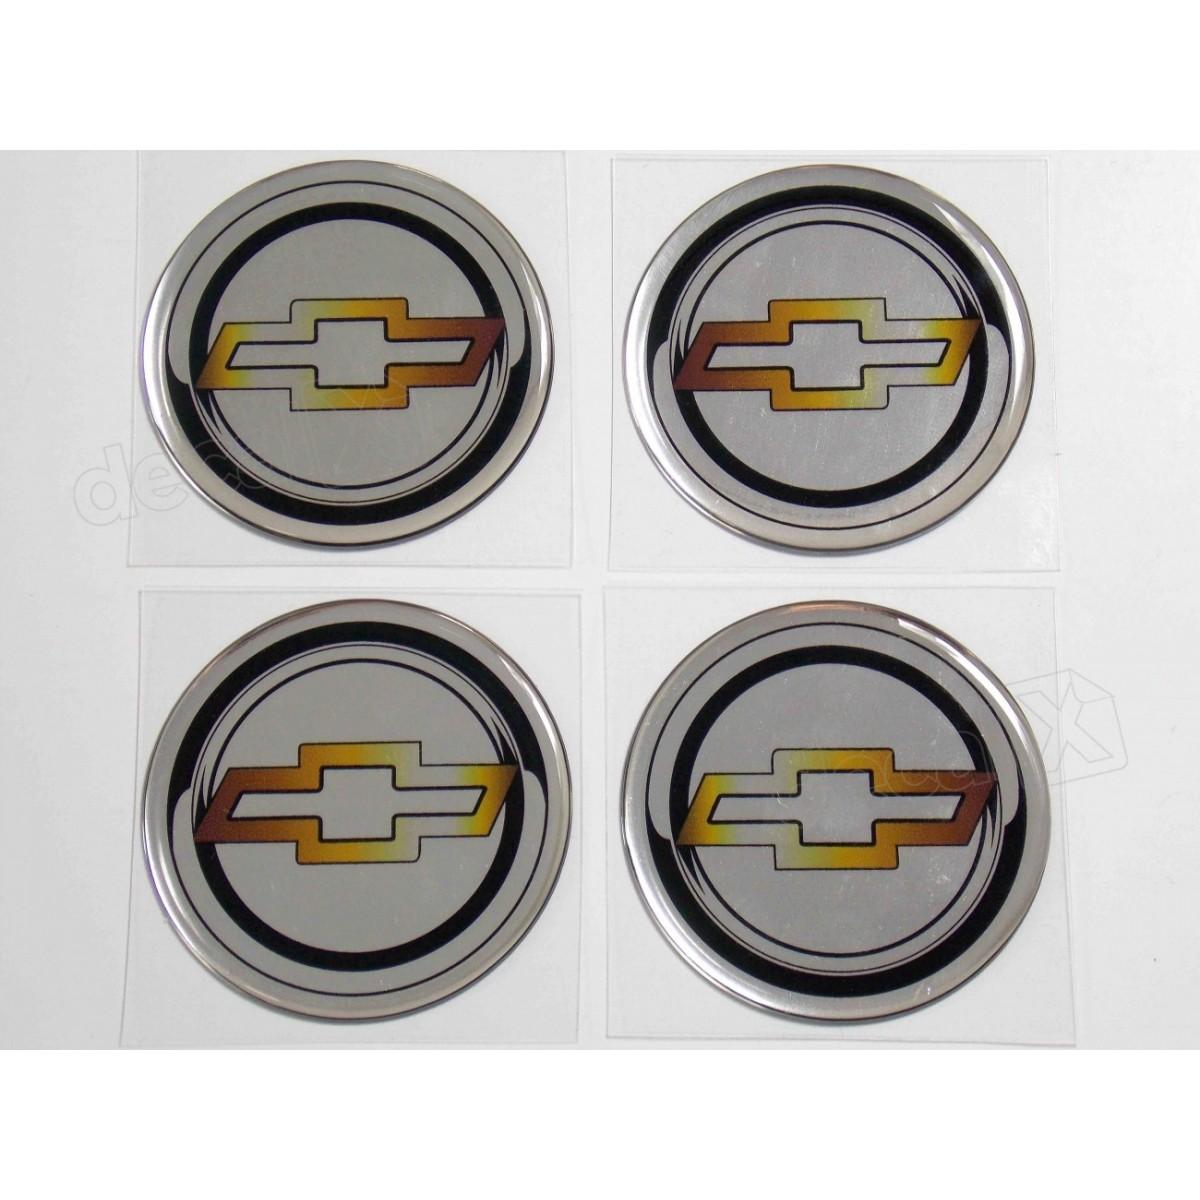 Adesivo Emblema Resinado Roda Chevrolet 51mm Cl2